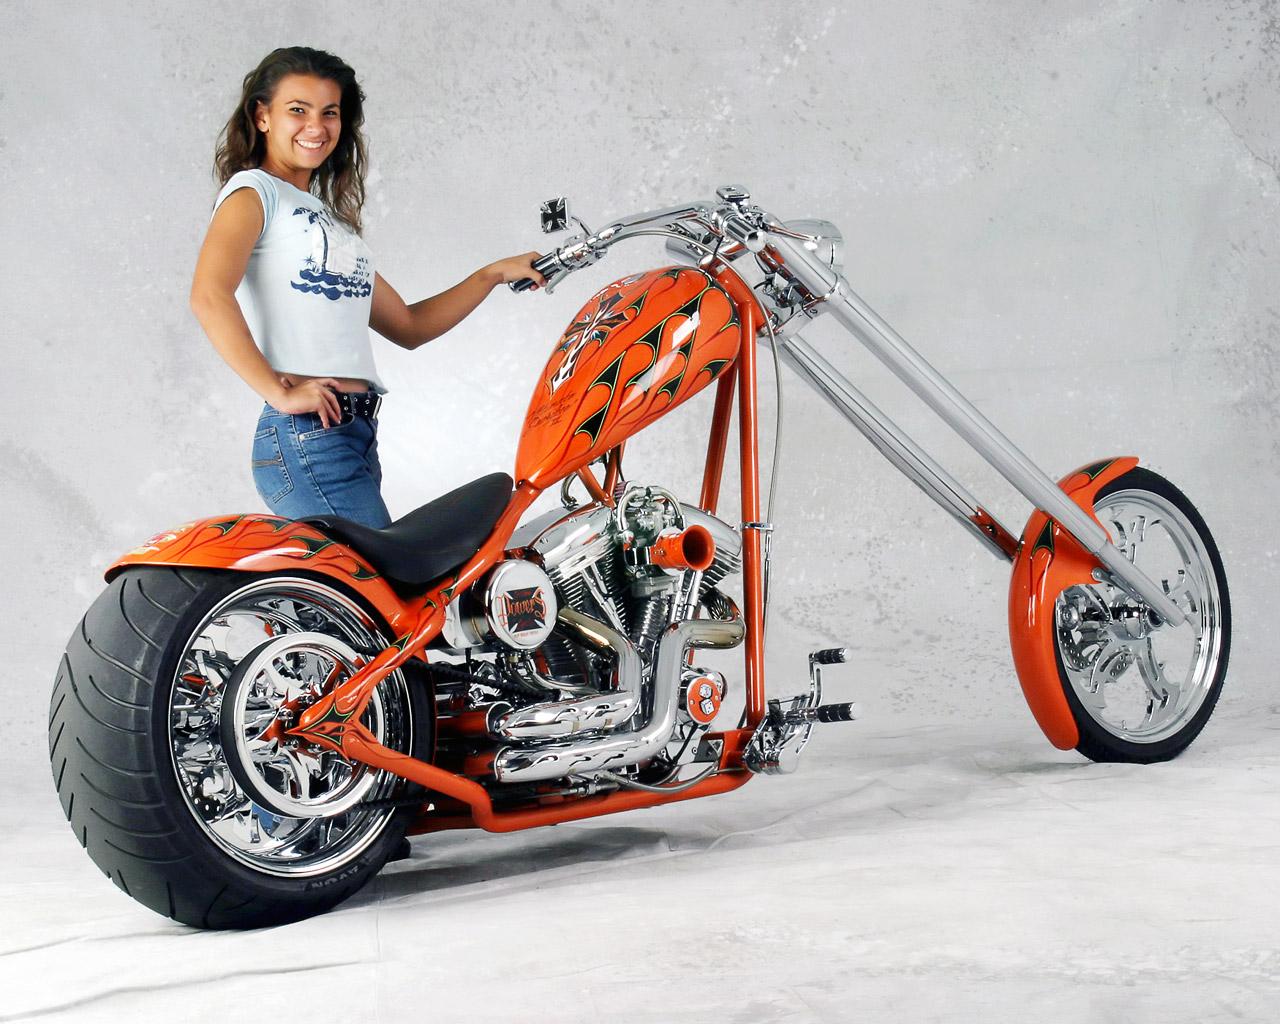 http://4.bp.blogspot.com/-PeD-3pl4Y8M/TXYNJNiXDwI/AAAAAAAAJik/POkz7T9qRMQ/s1600/Custom_300%2527%2527_Pro-Street_Chopper_wallpaper.jpg